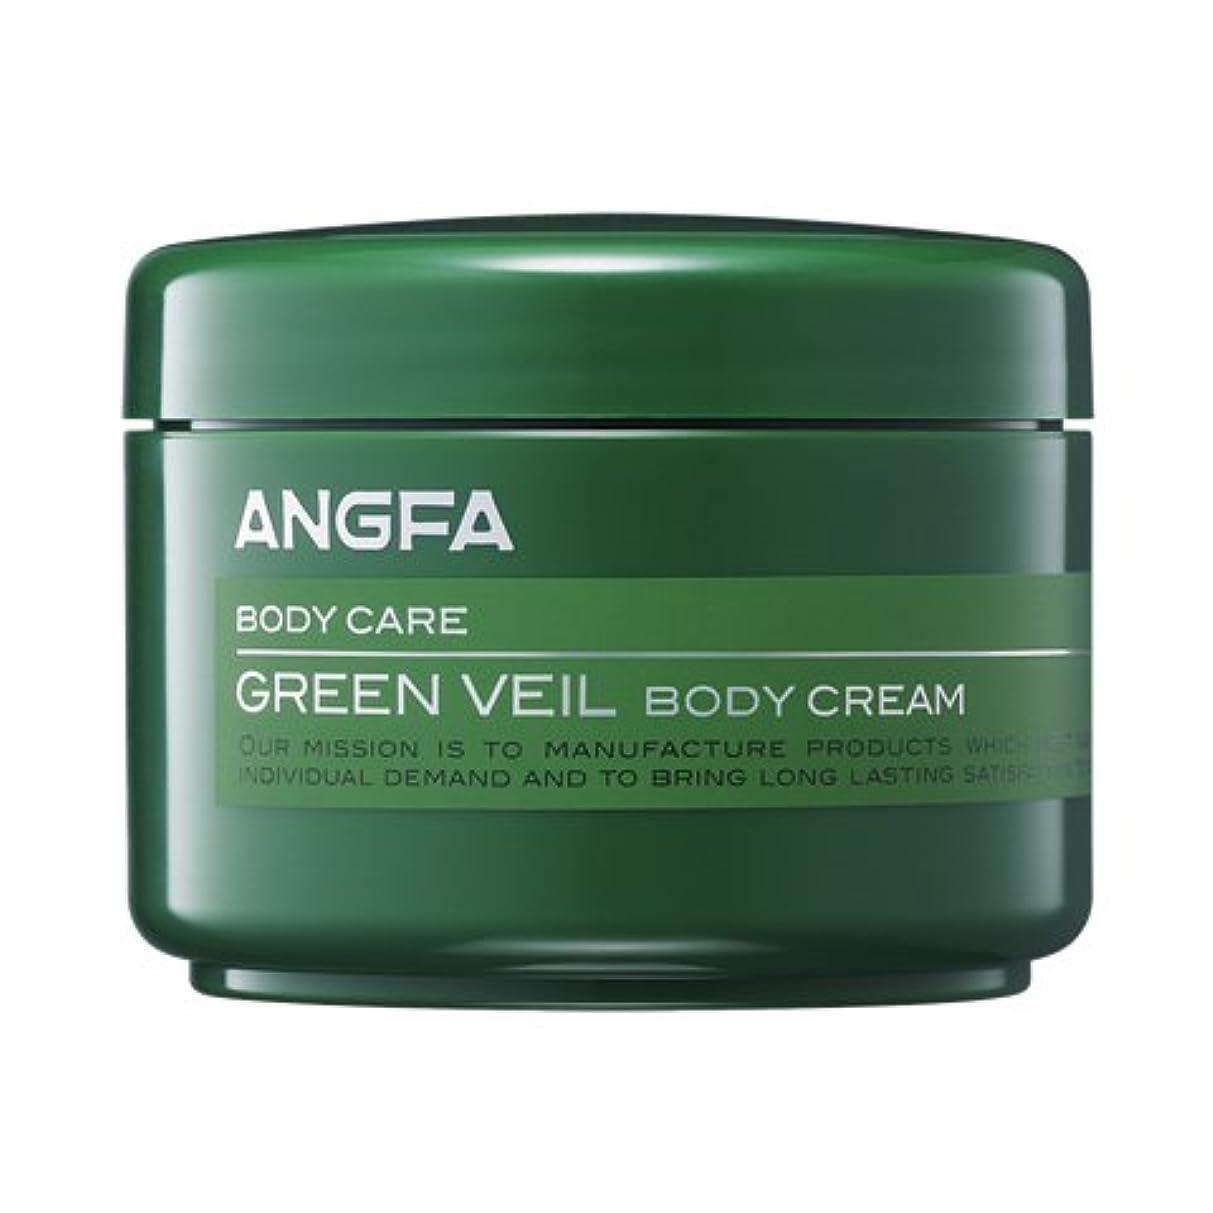 無許可期待してあたたかいアンファー (ANGFA) グリーンベール 薬用ボディクリーム 45g グリーンフローラル [乾燥?保湿] かゆみ肌